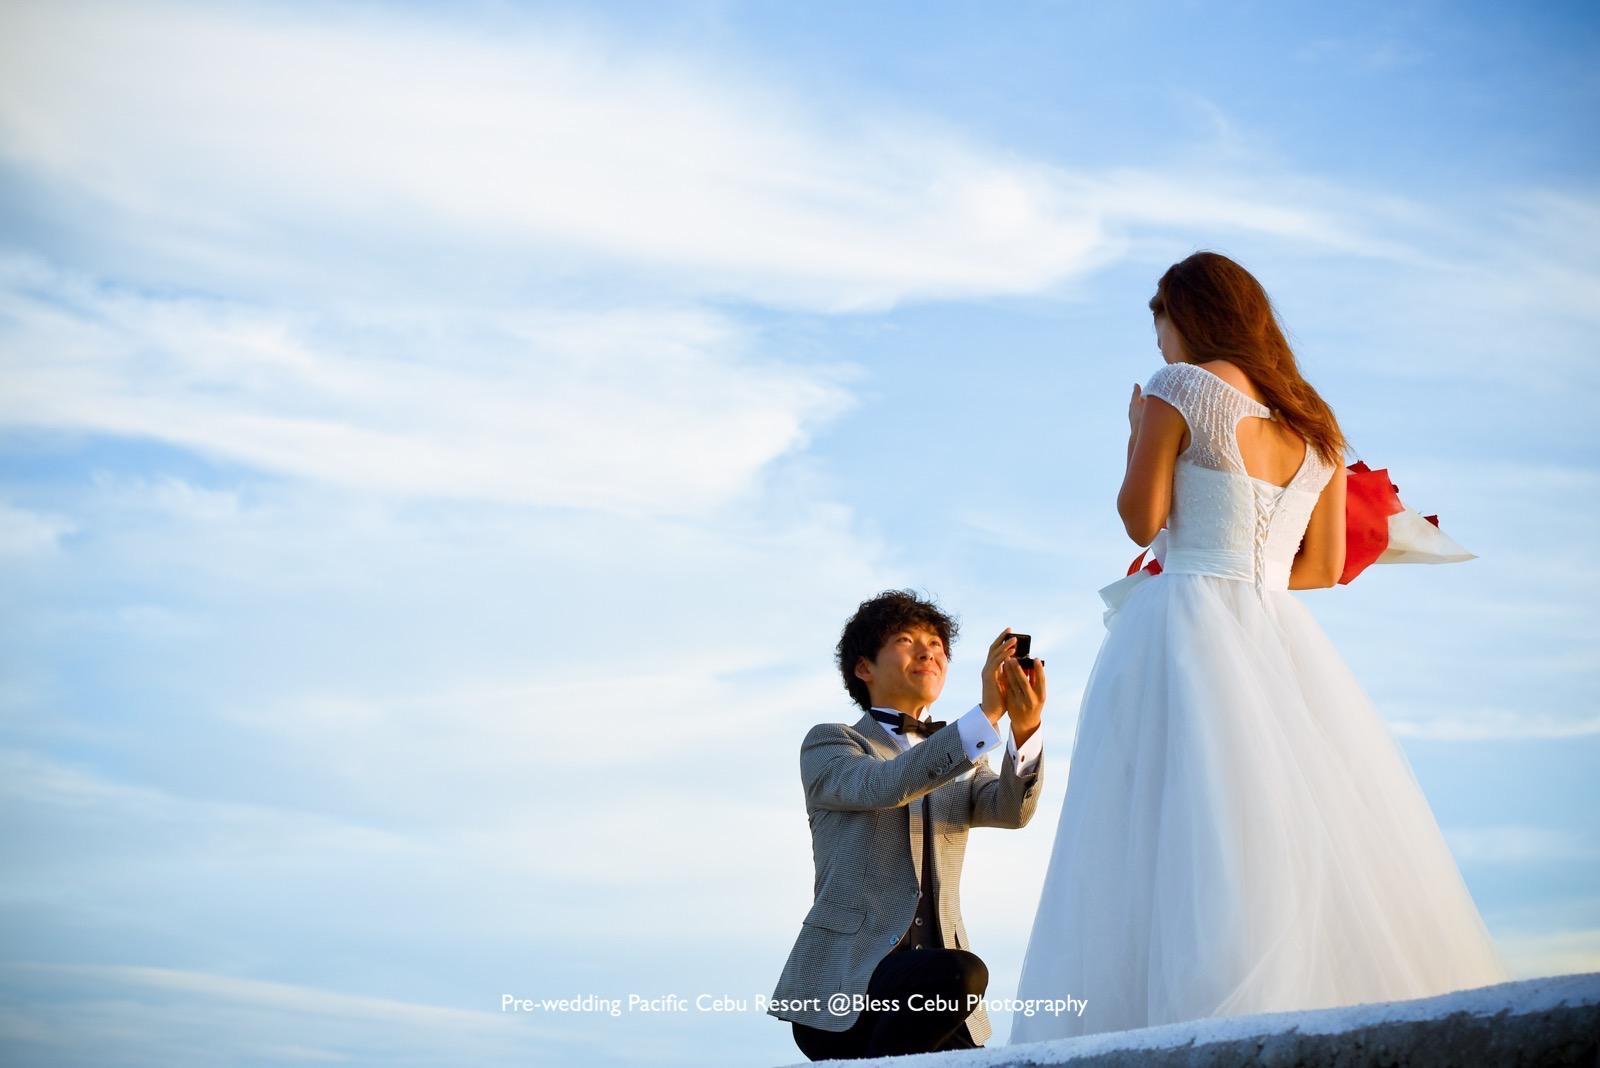 桟橋で指輪と一緒にプロポーズ!